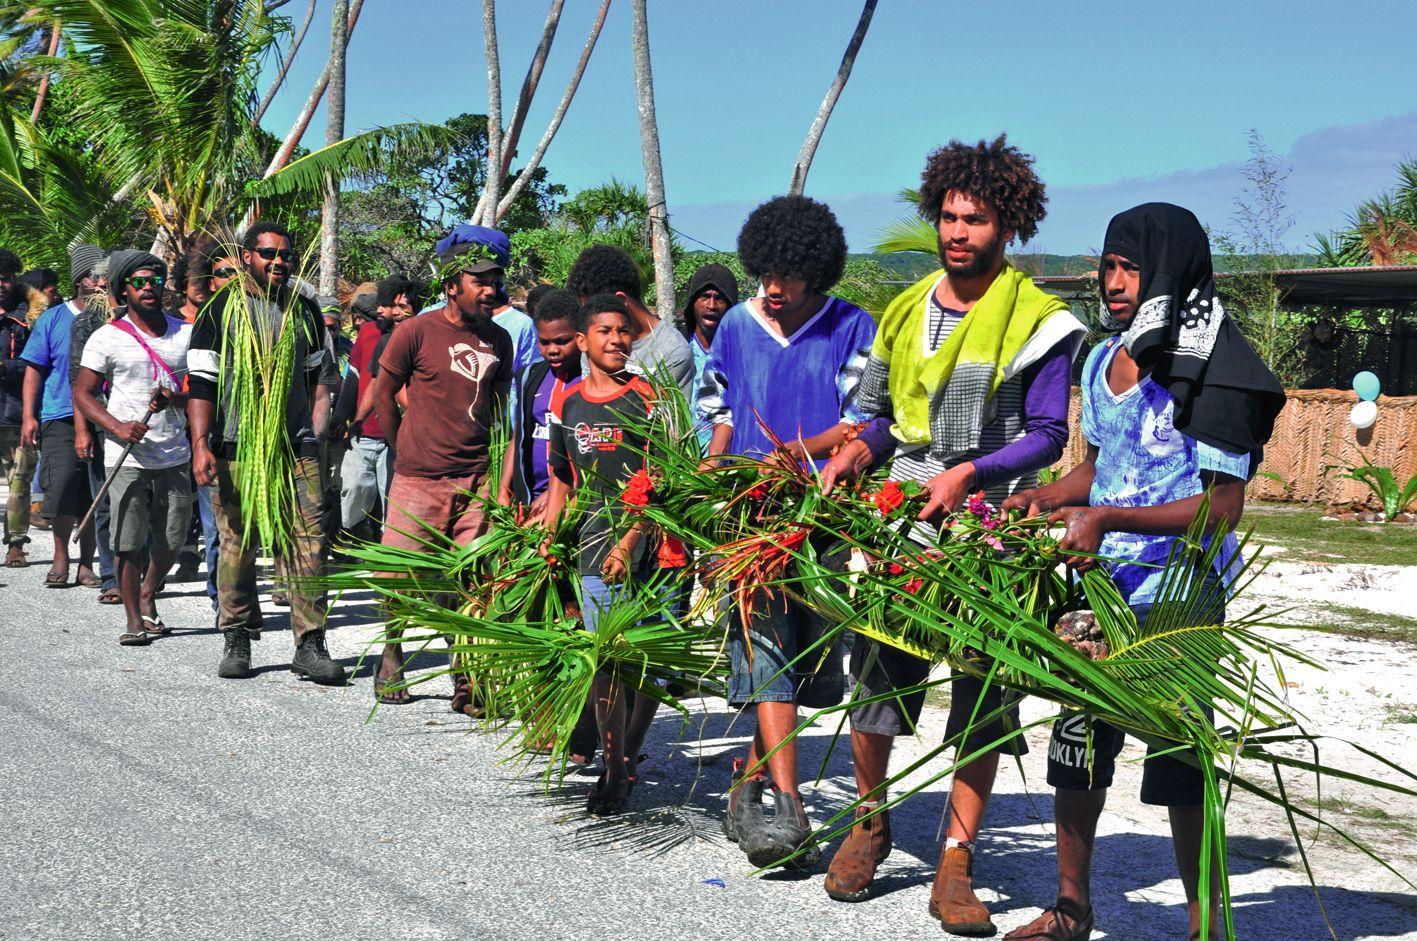 Pendant les cérémonies en présence de nombreux invités, les garçons s'activaient à l'ombre des cocotiers pour cuire au four traditionnel les ignames et cochons qu'ils apportent ici, avec fierté, à la chefferie. Ce moment est appelé « wapodépode » en langu